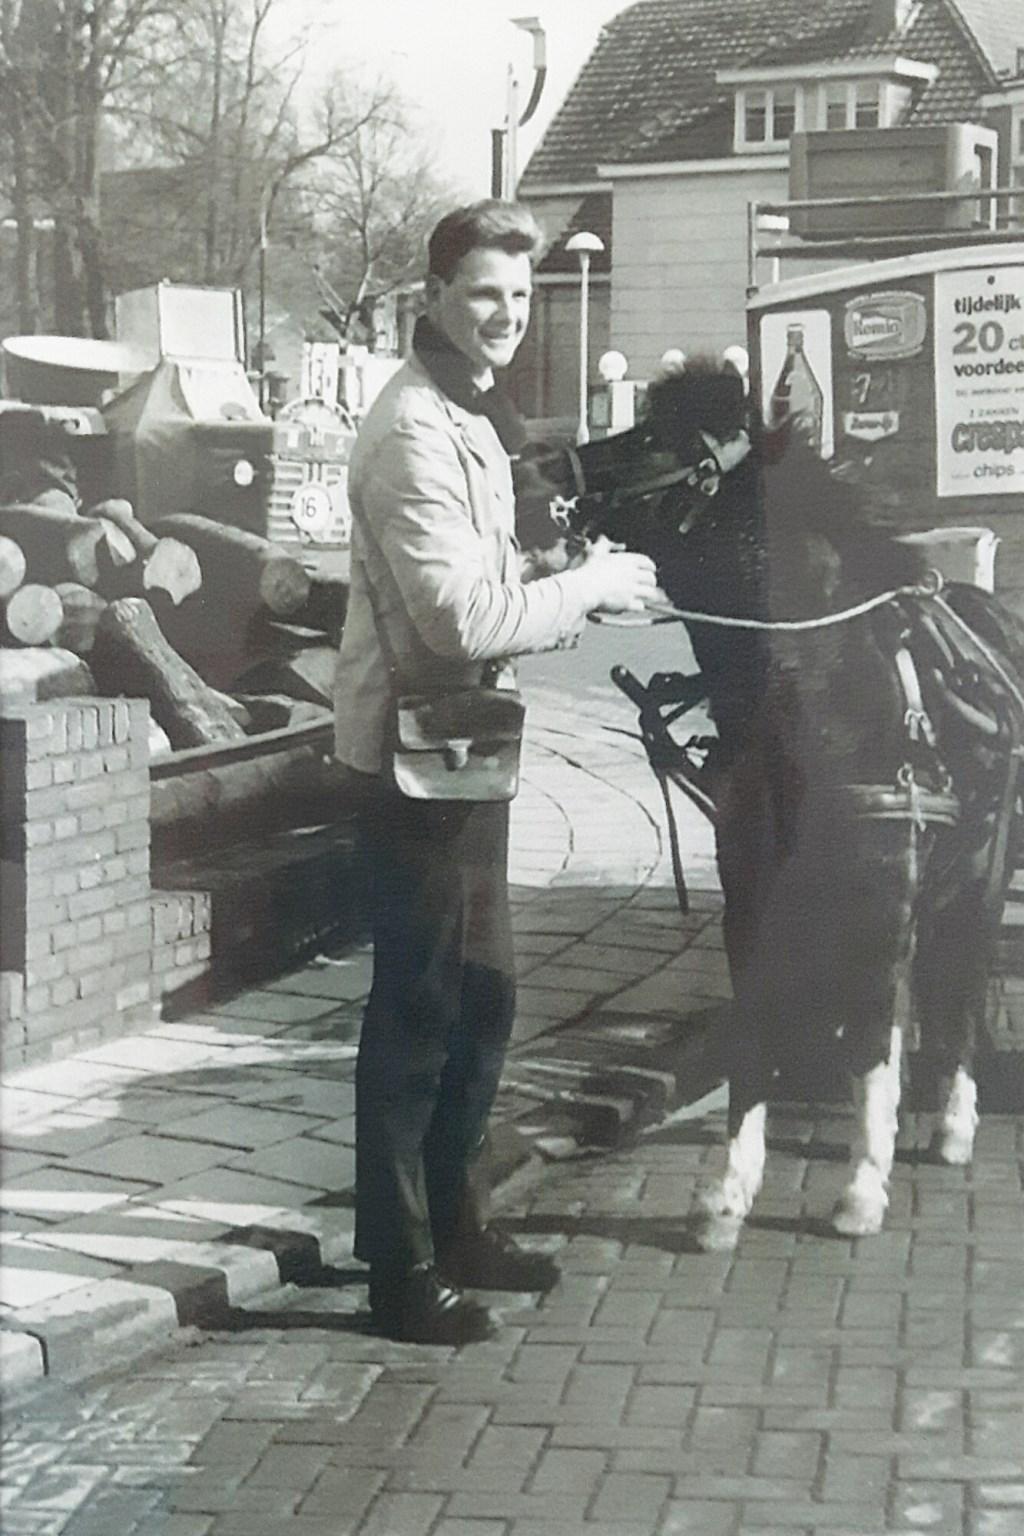 Met de pony voor de wagen Van Oosterom © BDU media